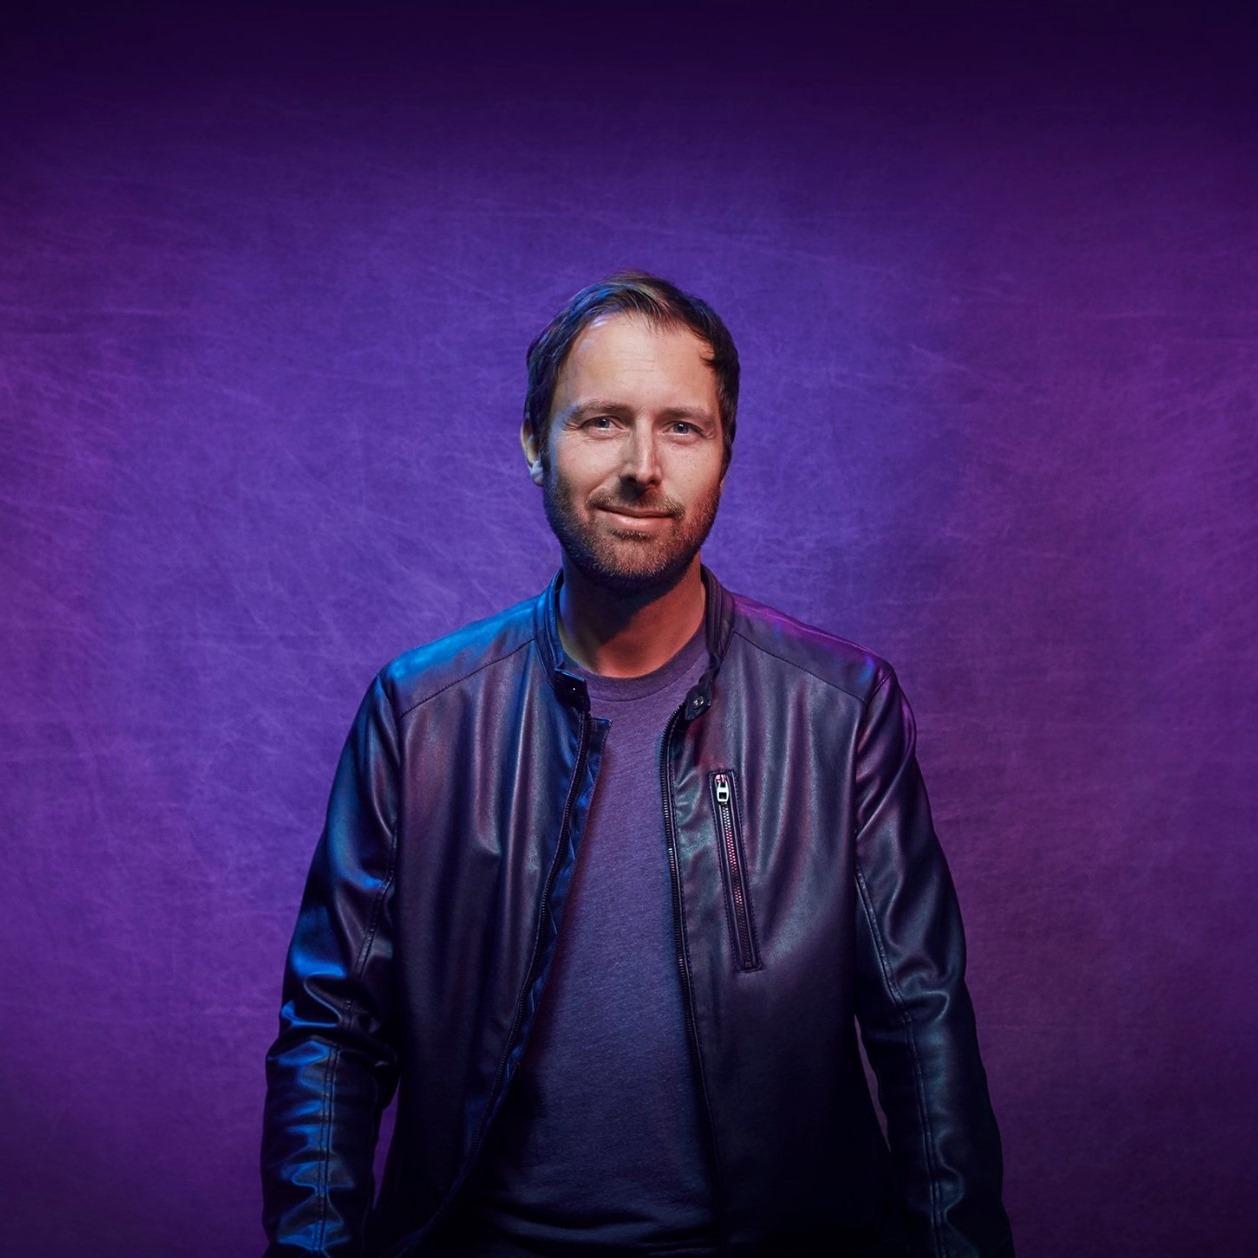 Jan Maarten Hartong